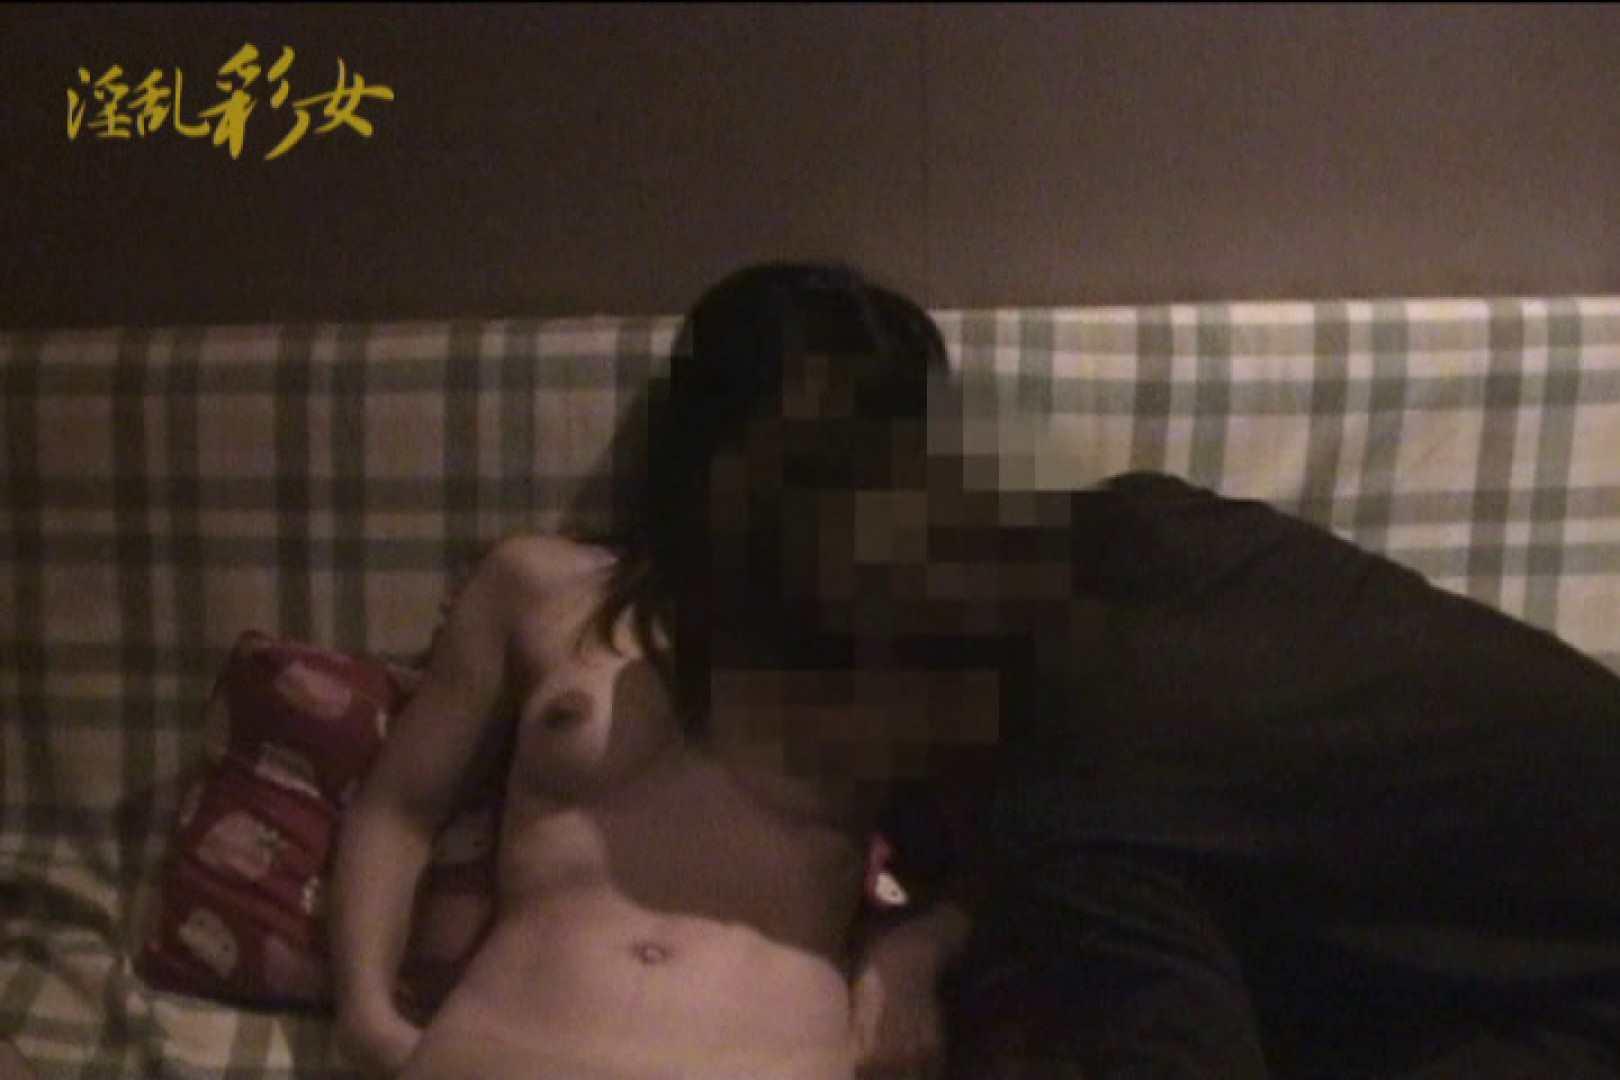 淫乱彩女 麻優里 旦那の前で王様ゲーム 一般投稿 エロ無料画像 108枚 2